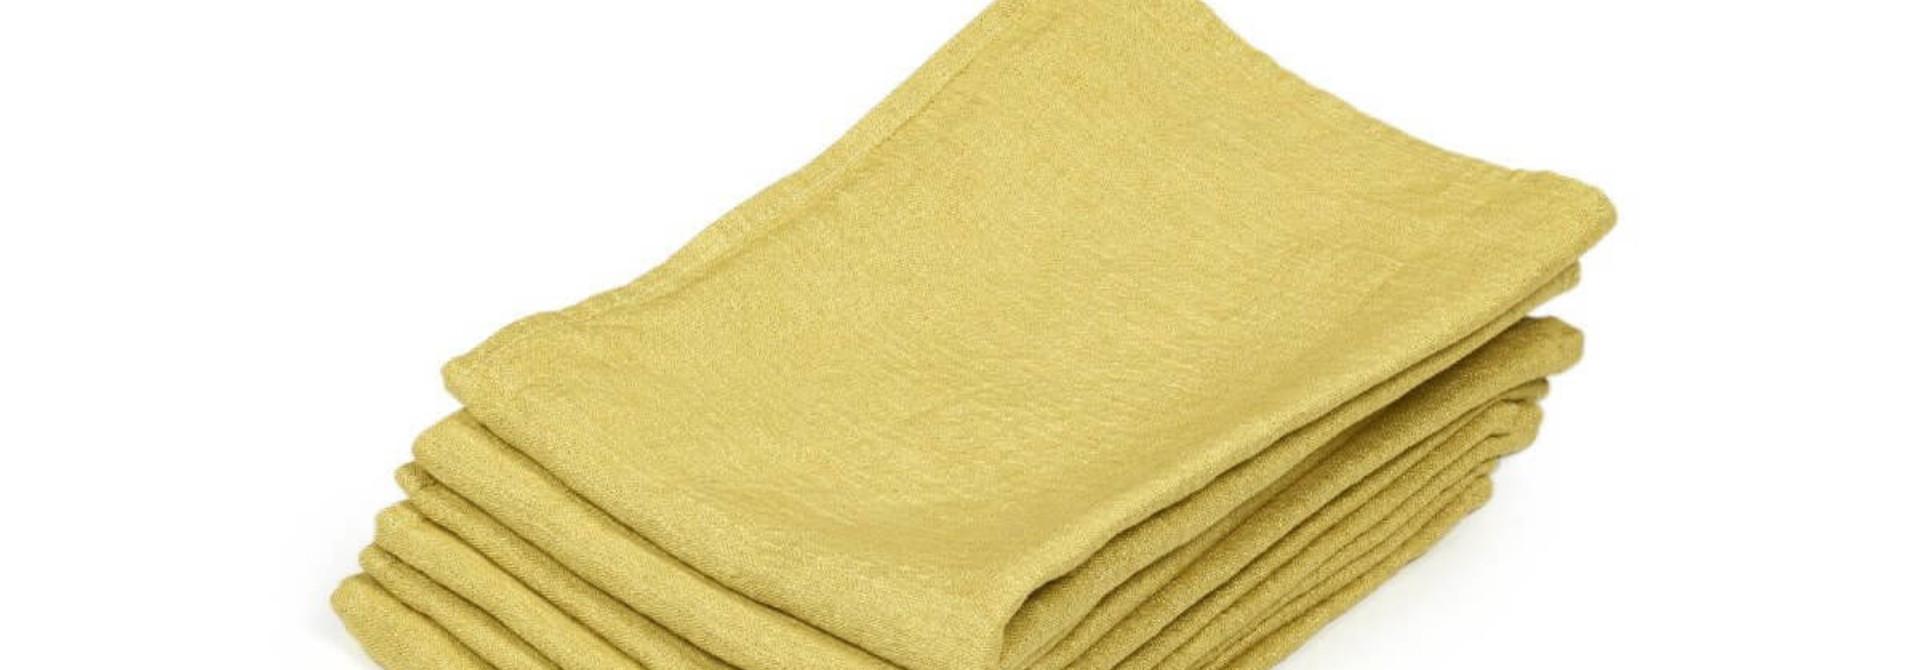 Quinten Tea Towel